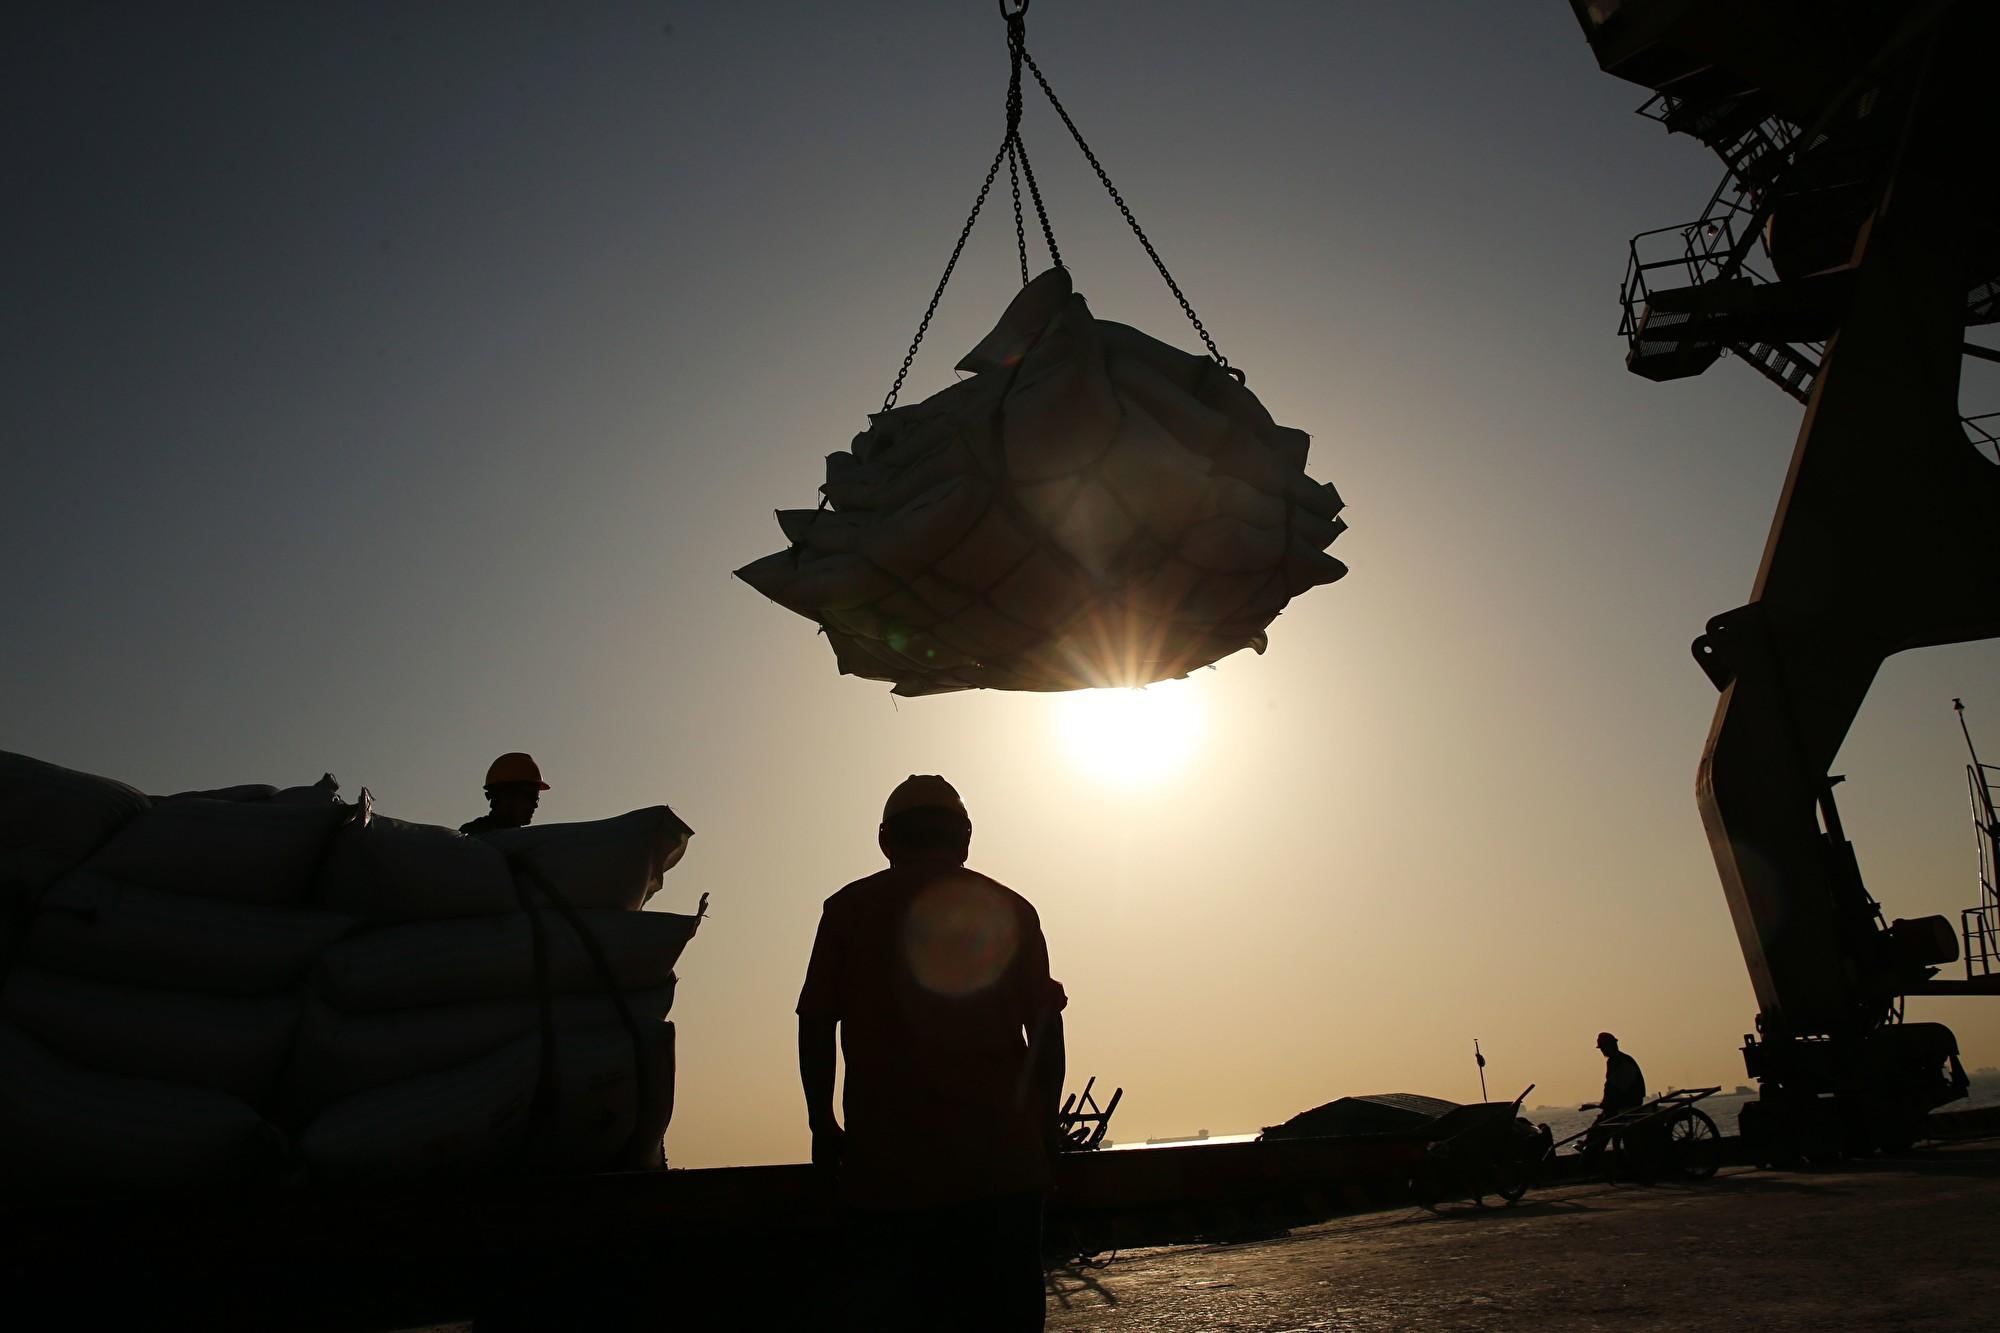 【名家專欄】有無貿易協定 中國都面臨風險